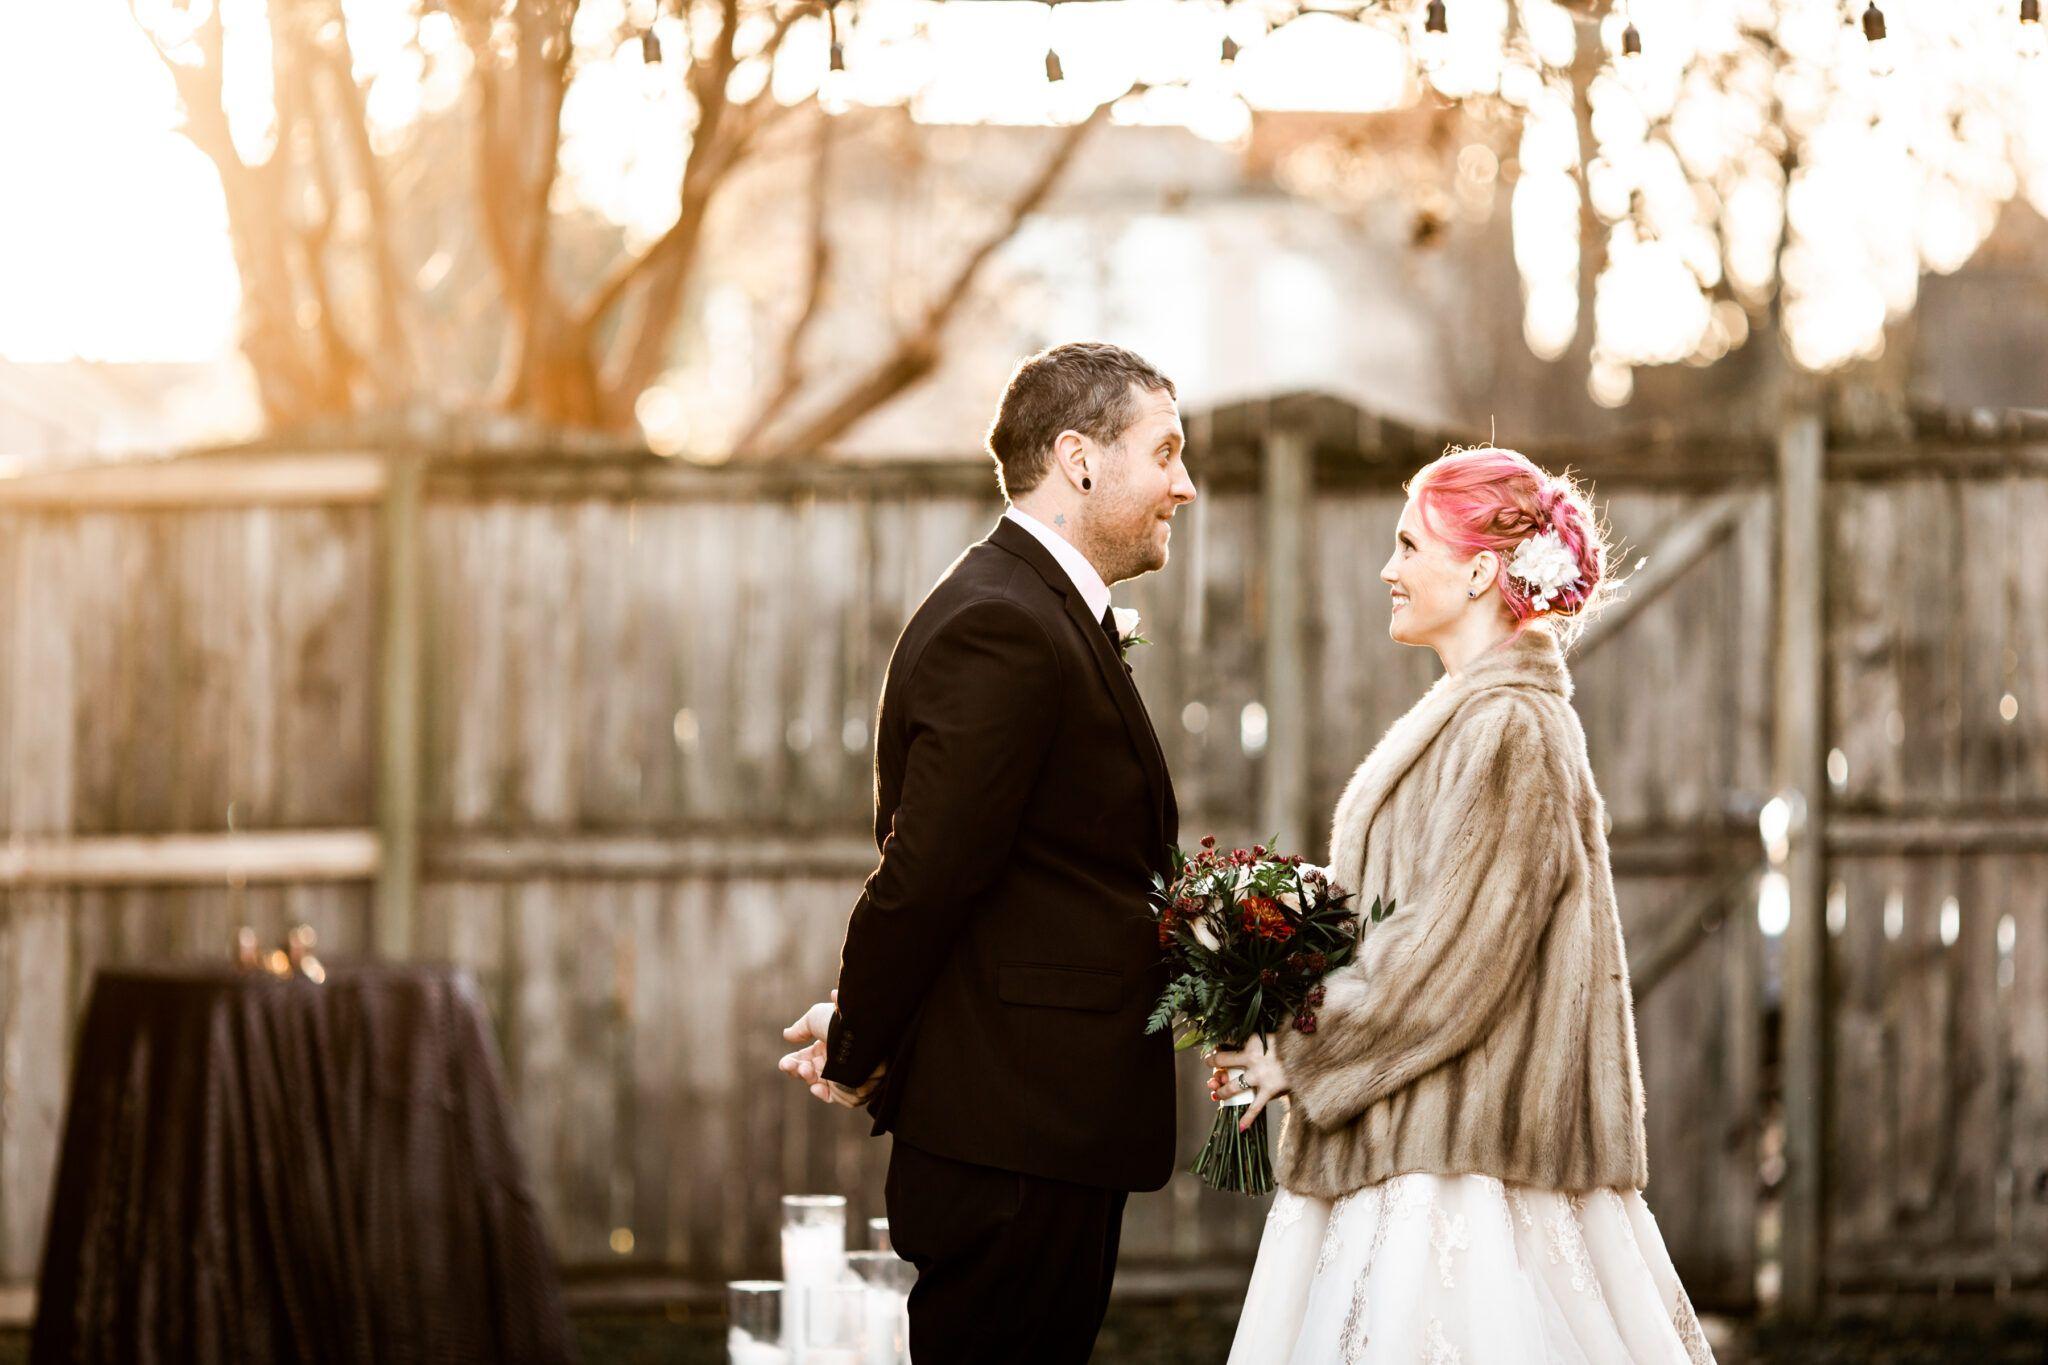 Pin On Wedding Photo Ideas